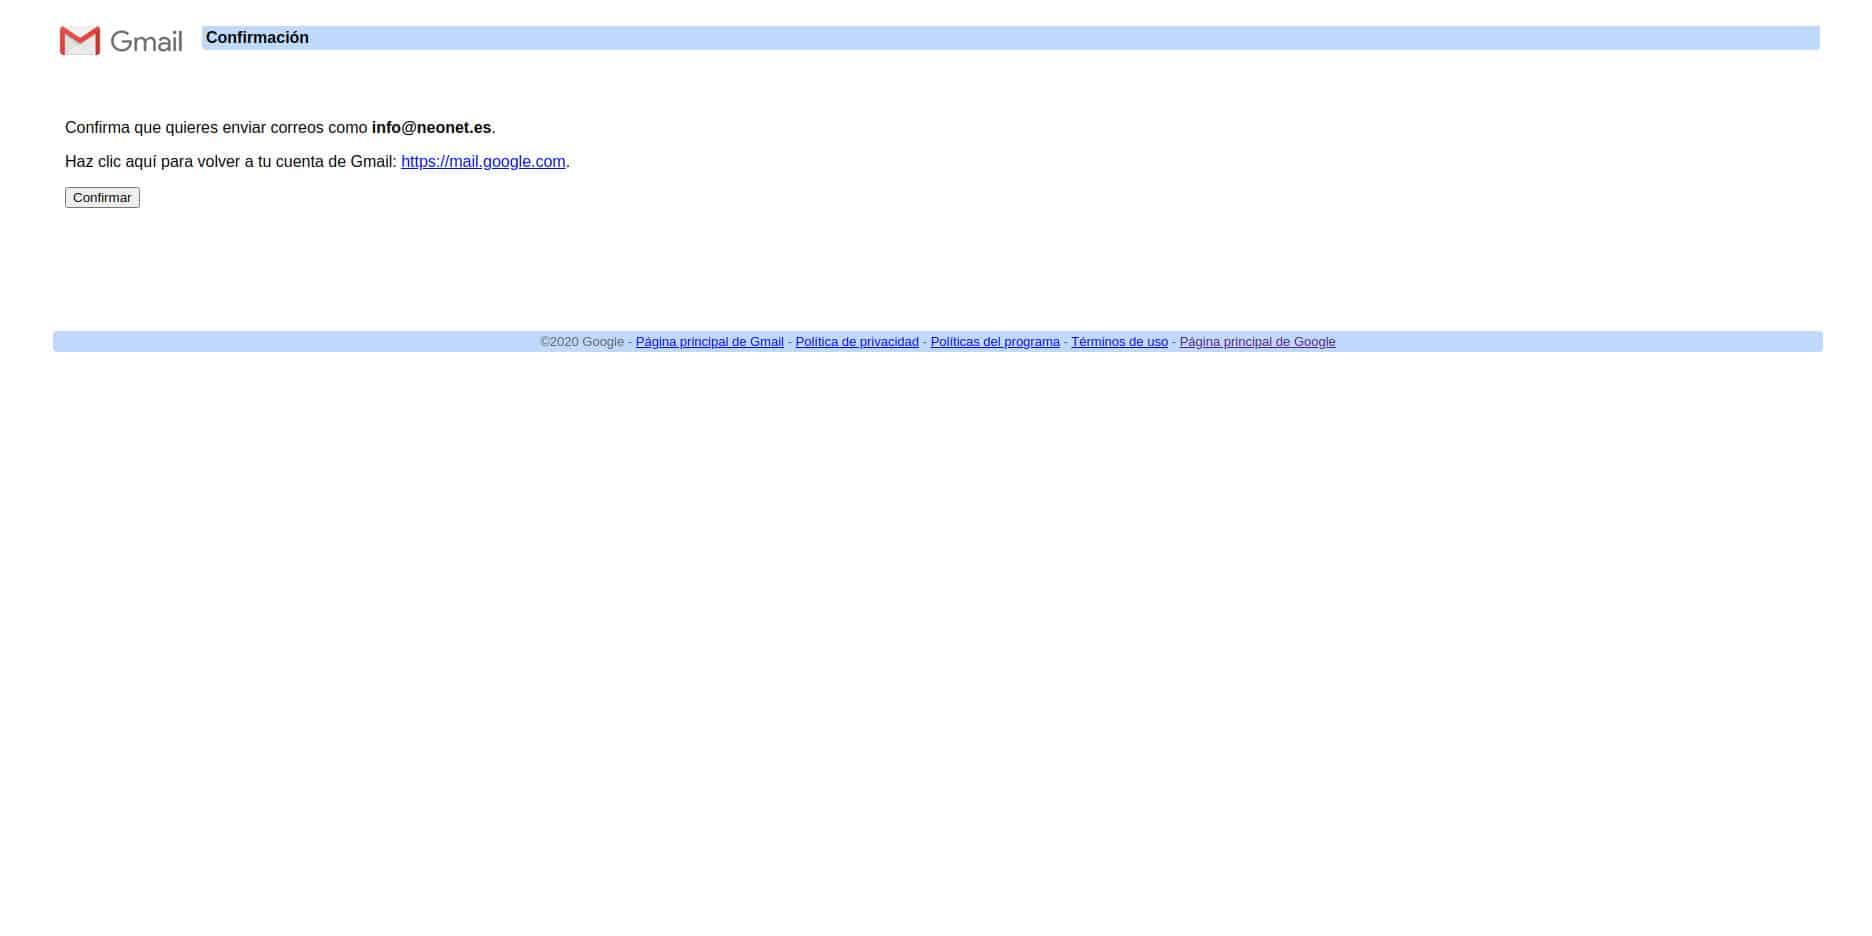 Finalizar la confirmación de envío de correo de empresa desde Gmail